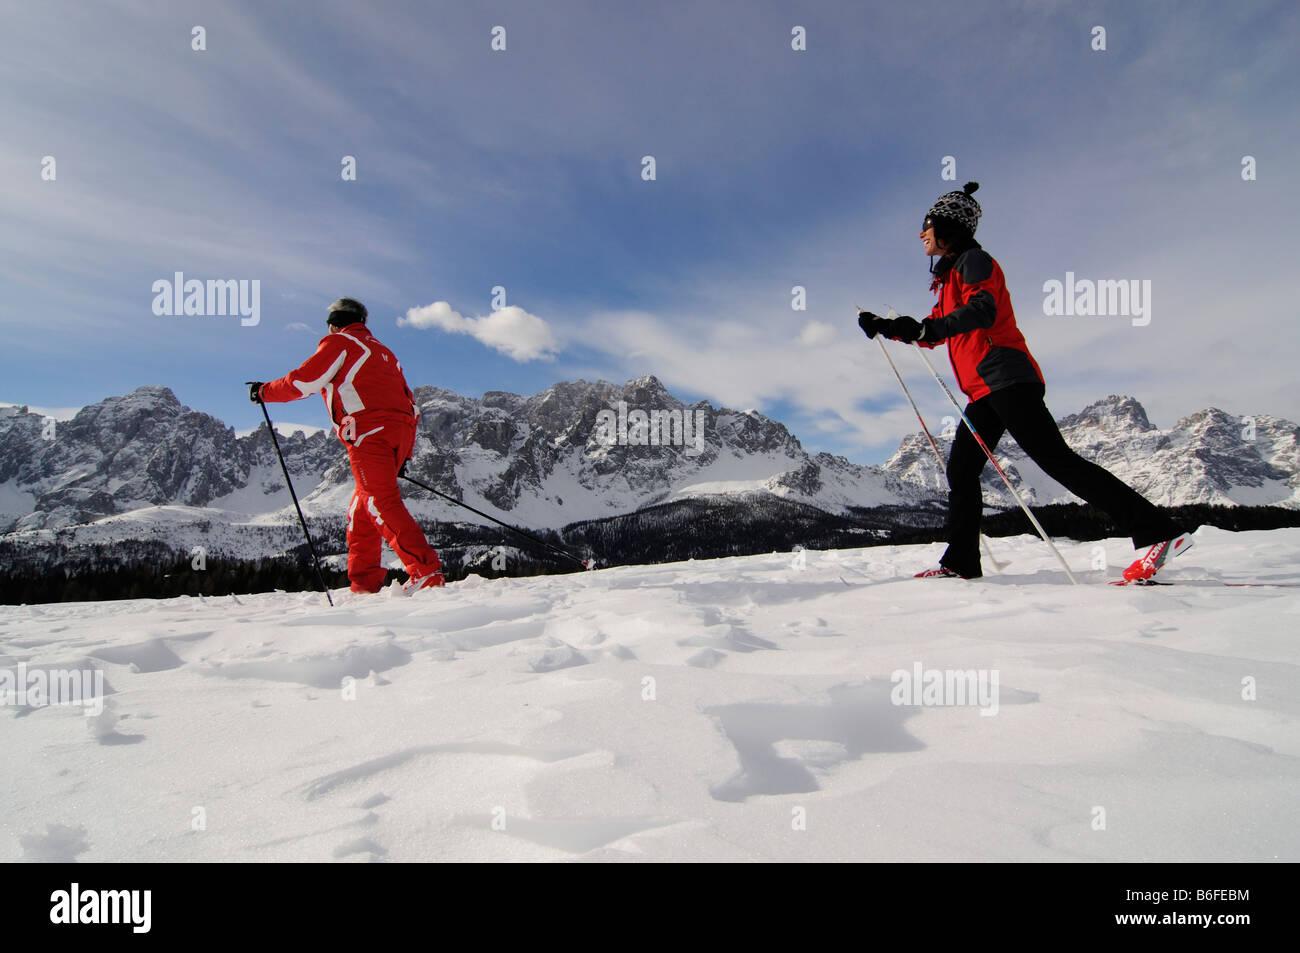 Nordique ou les skieurs de fond sur l'Alpe Nemes Alpes, la haute vallée Puster ou Haute vallée Puster Photo Stock